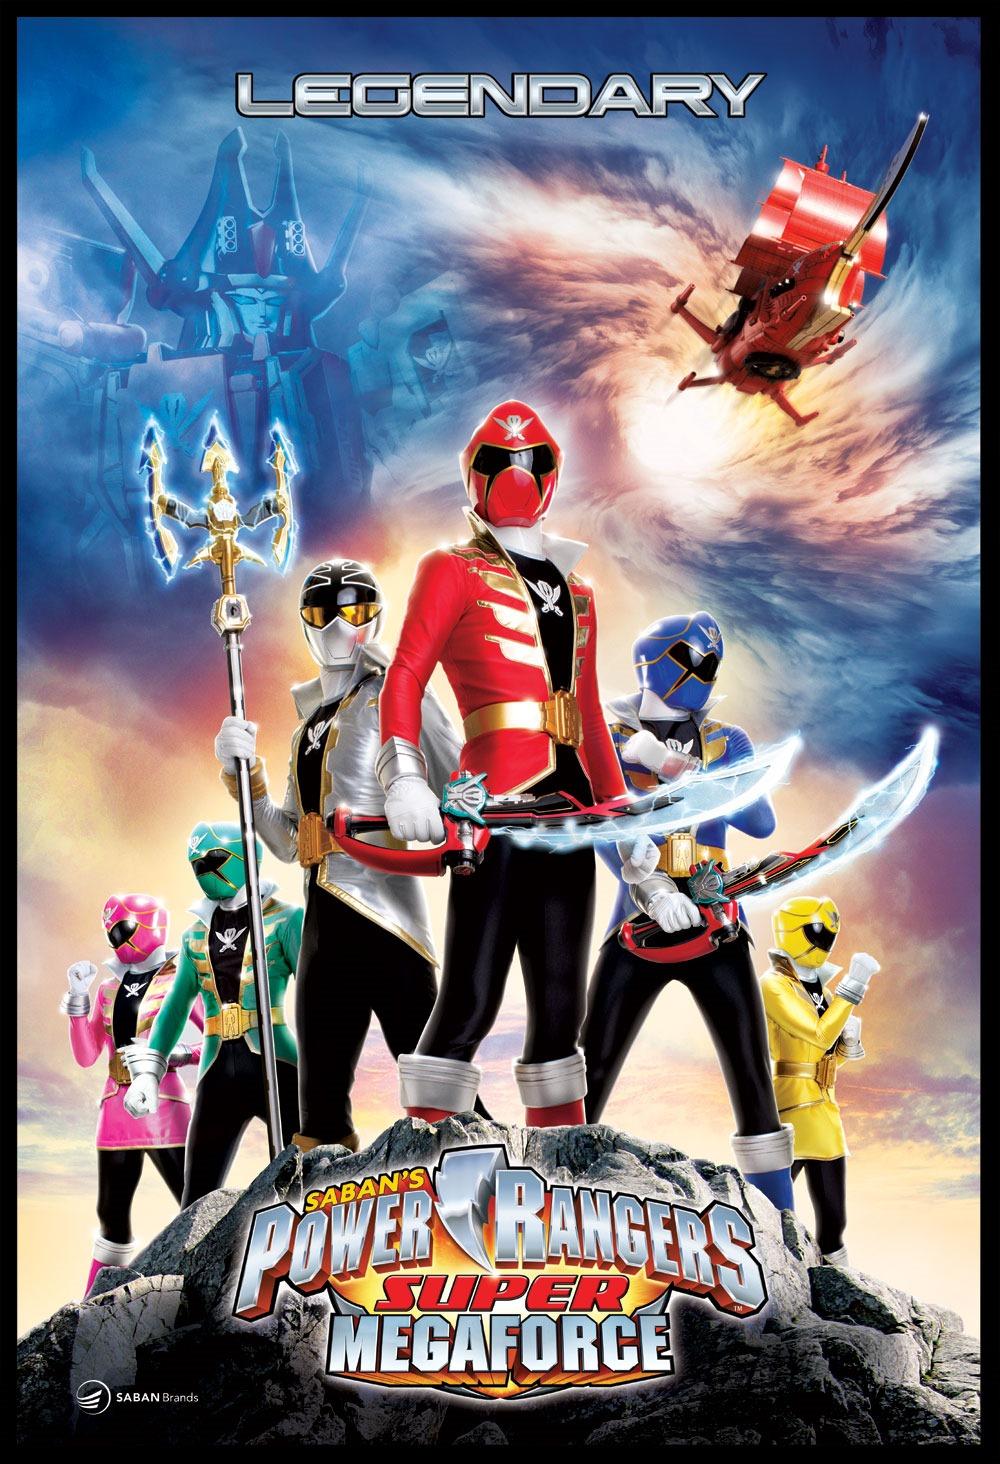 El juego de Power Rangers Super Megaforce en camino